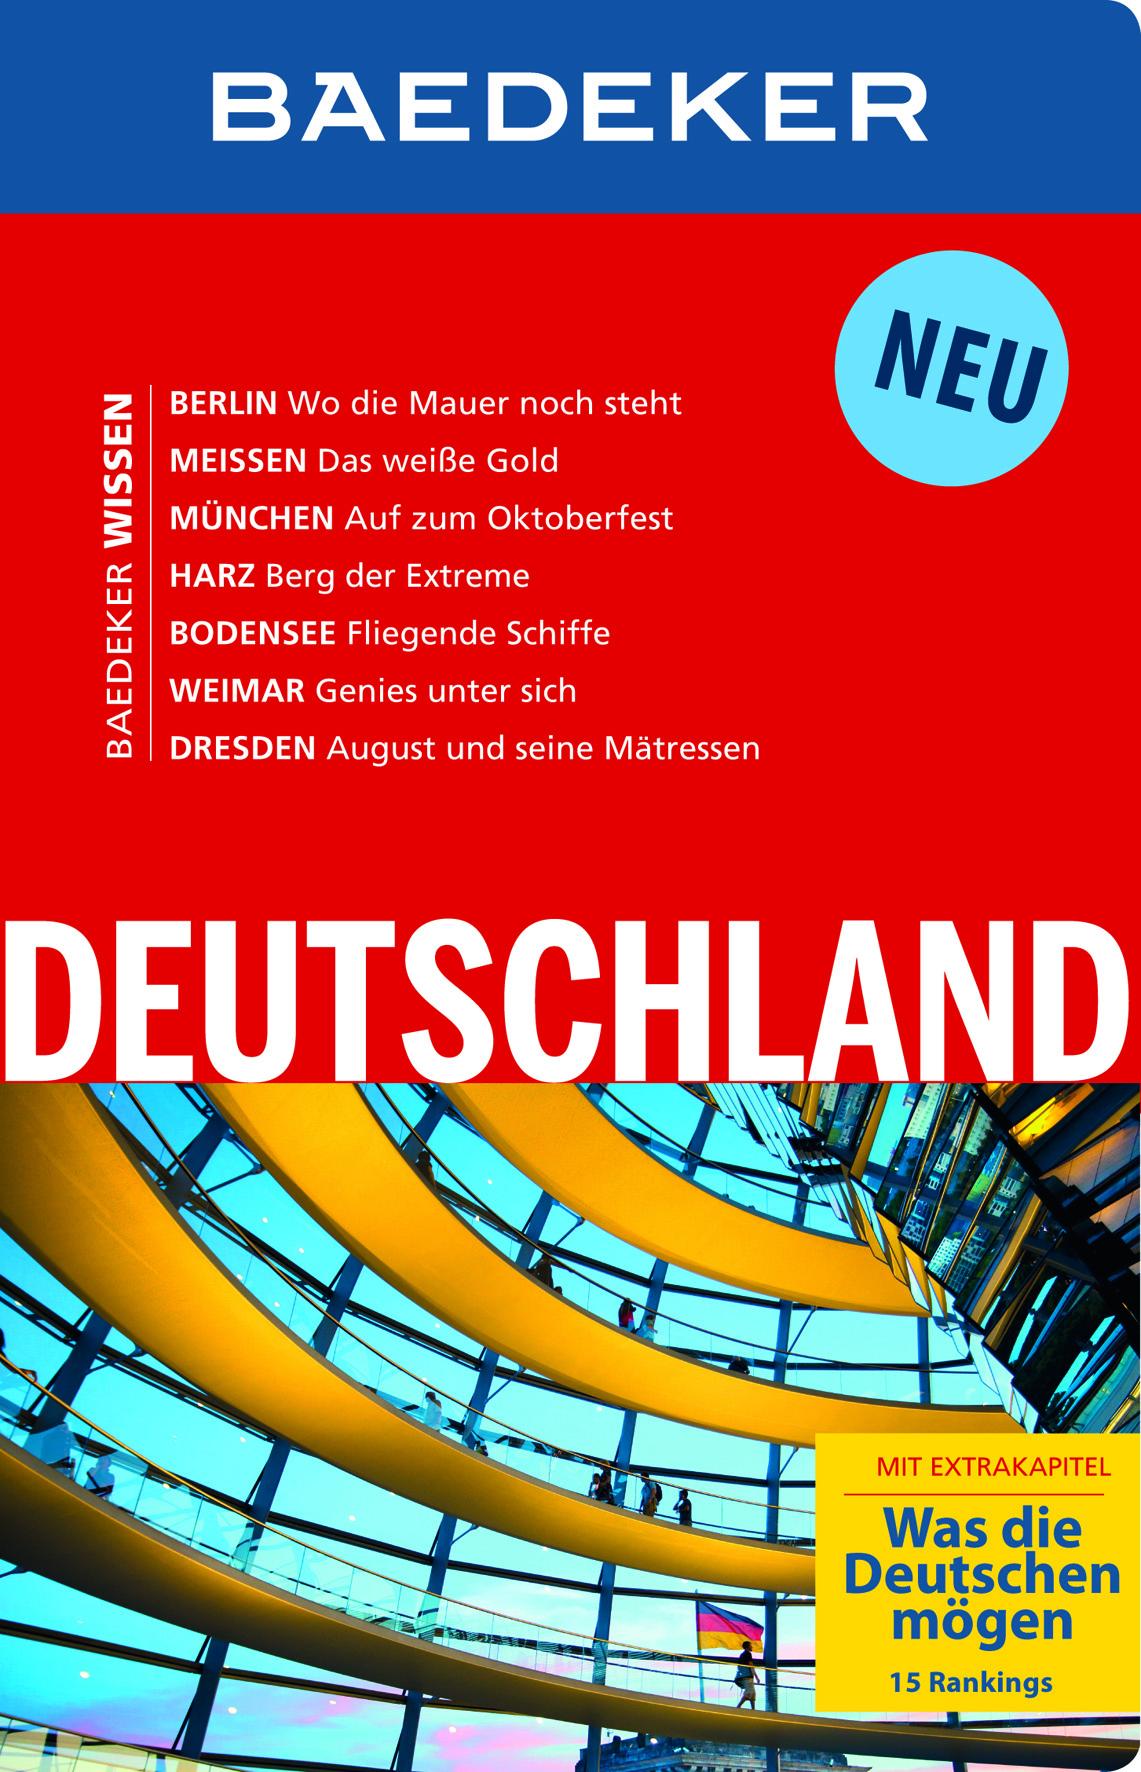 Baedeker Deutschland